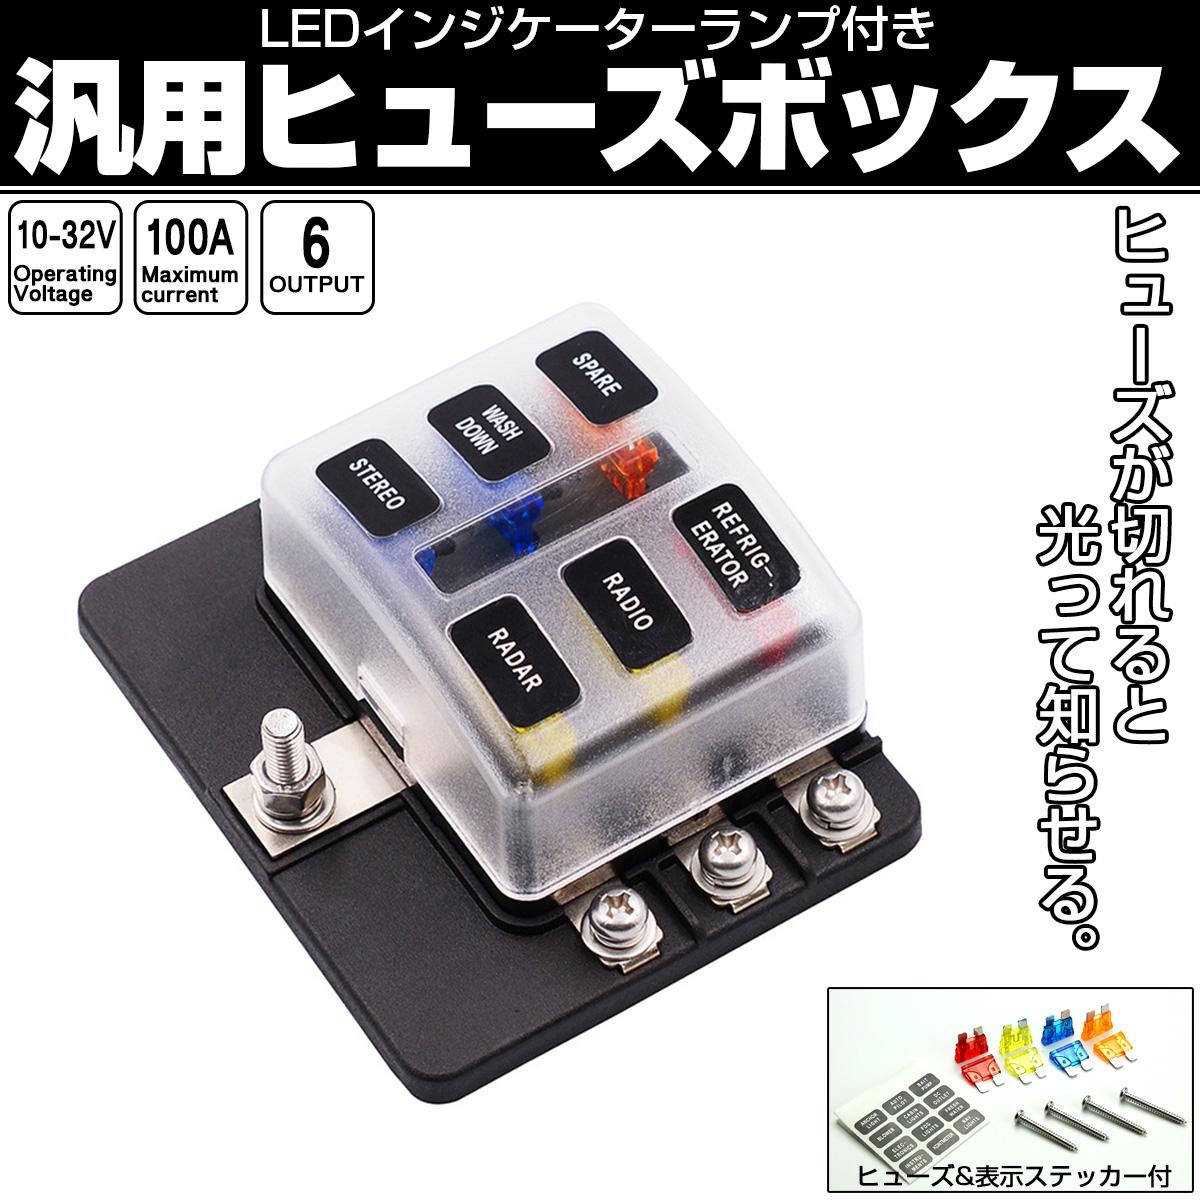 汎用 ヒューズボックス 6極 ネジ式 12V 24V兼用 MAX100A 平型ブレード インジケーターランプ付 I-502